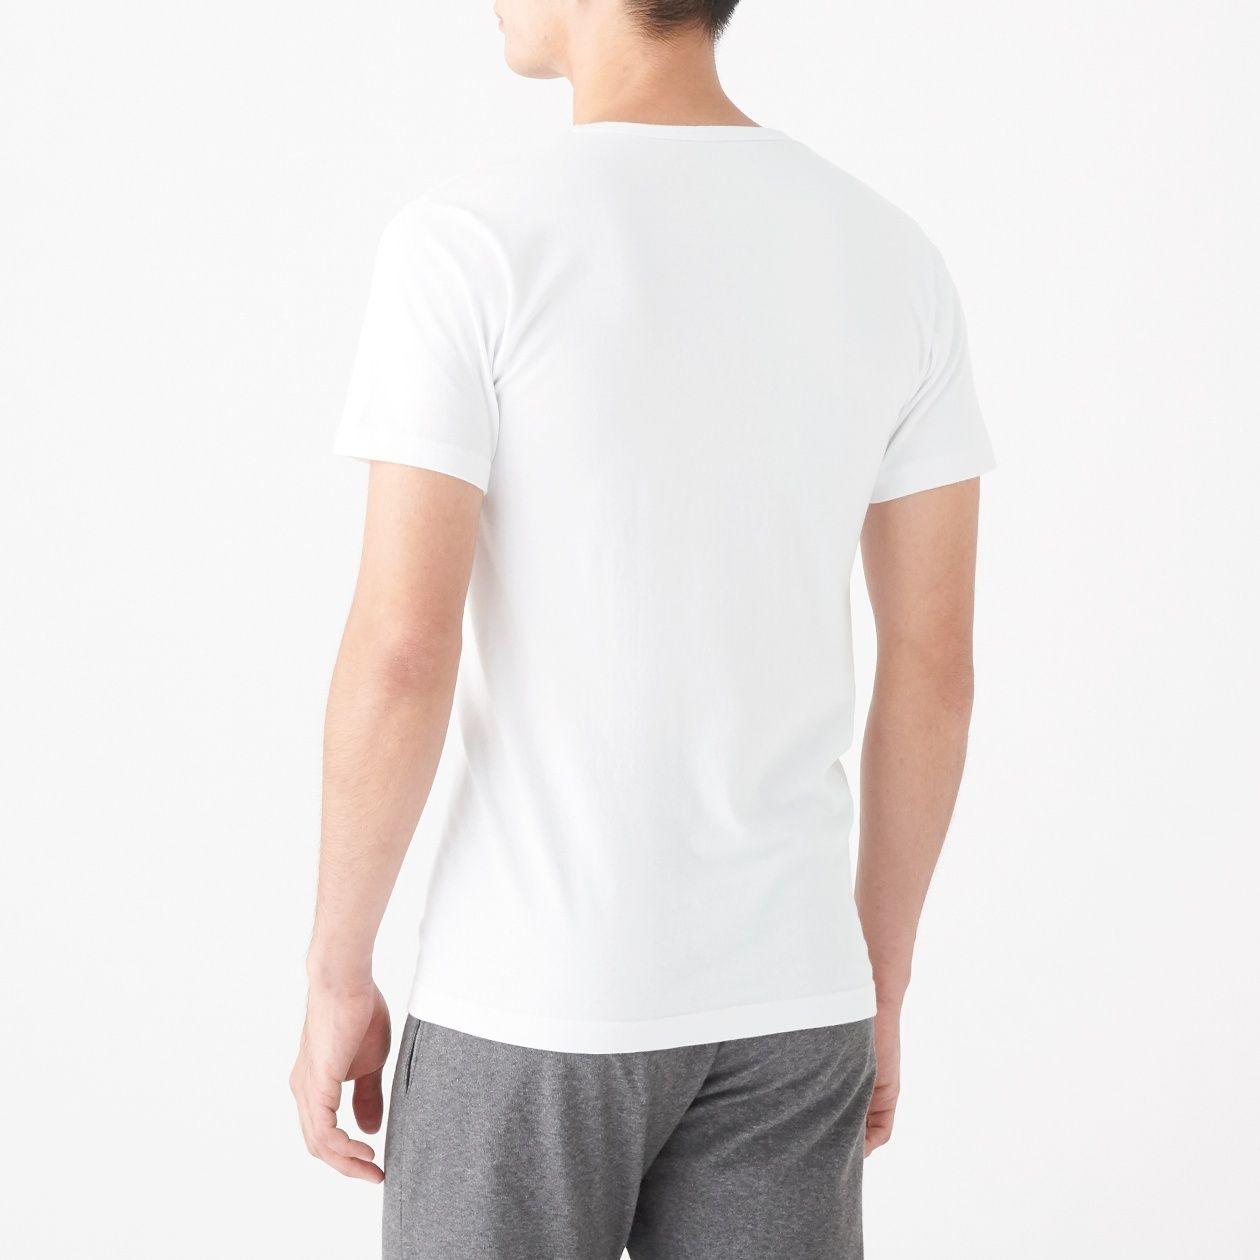 綿であったかVネック半袖Tシャツカラー写真01